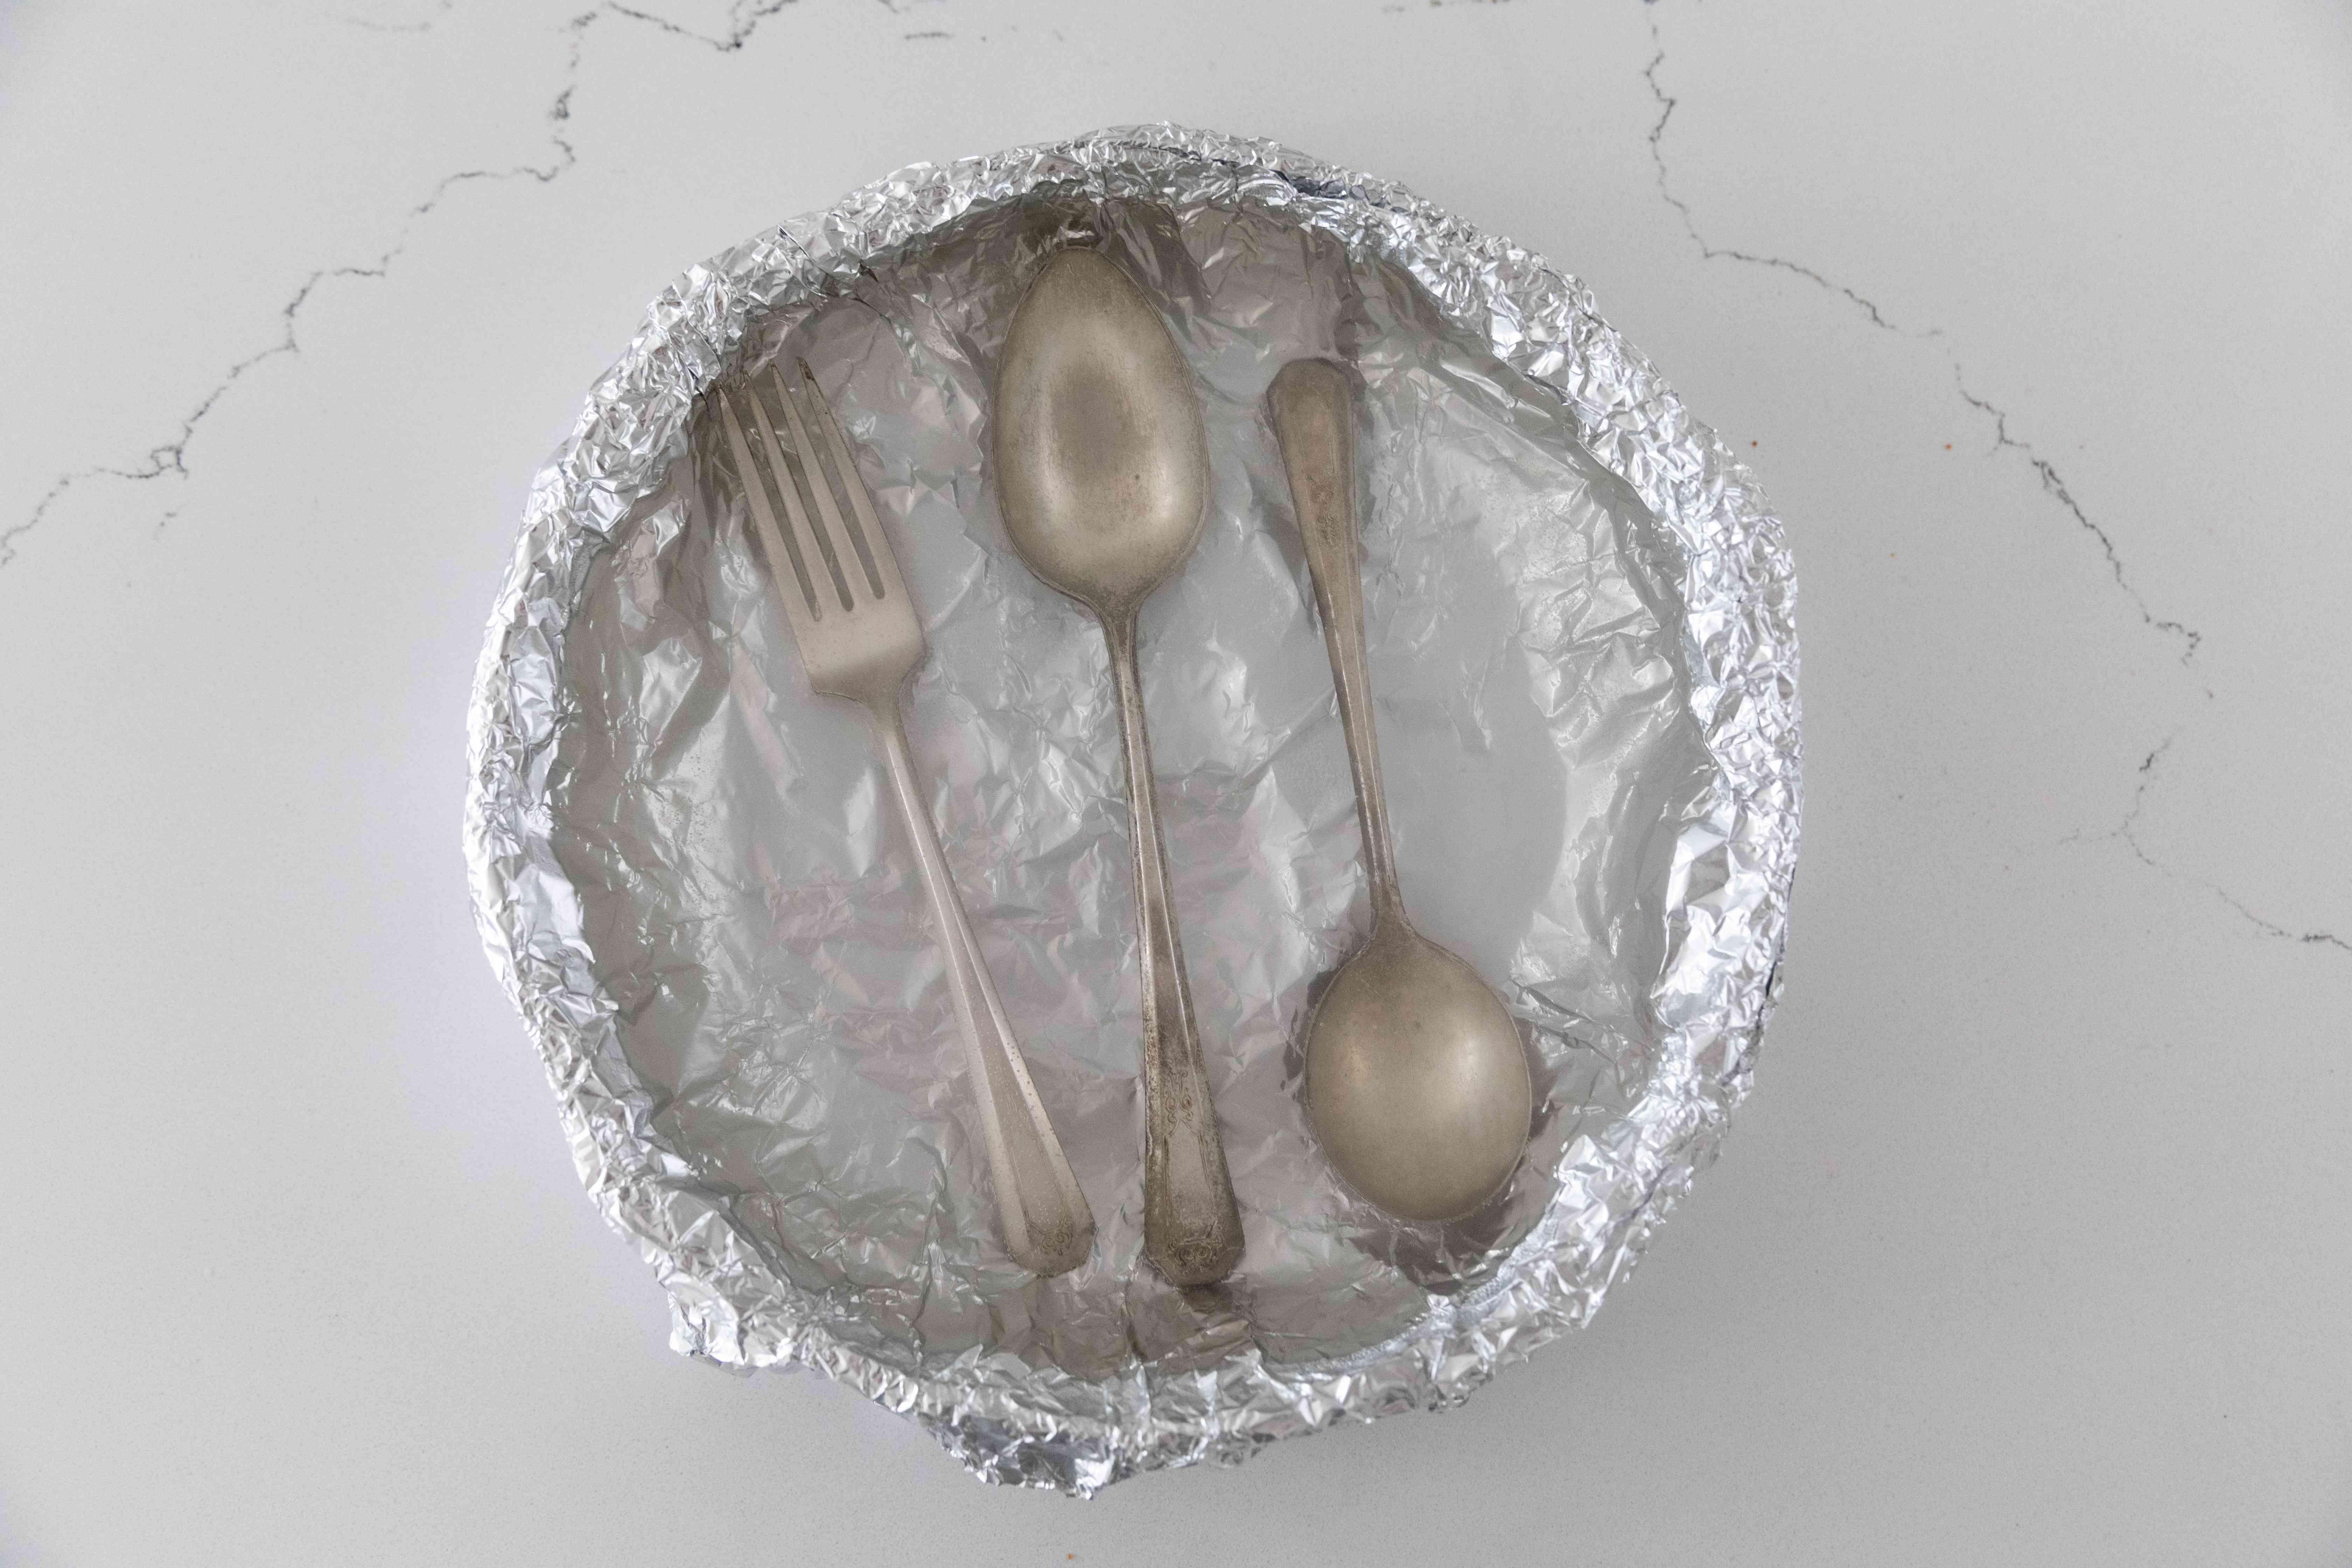 letting the silver soak